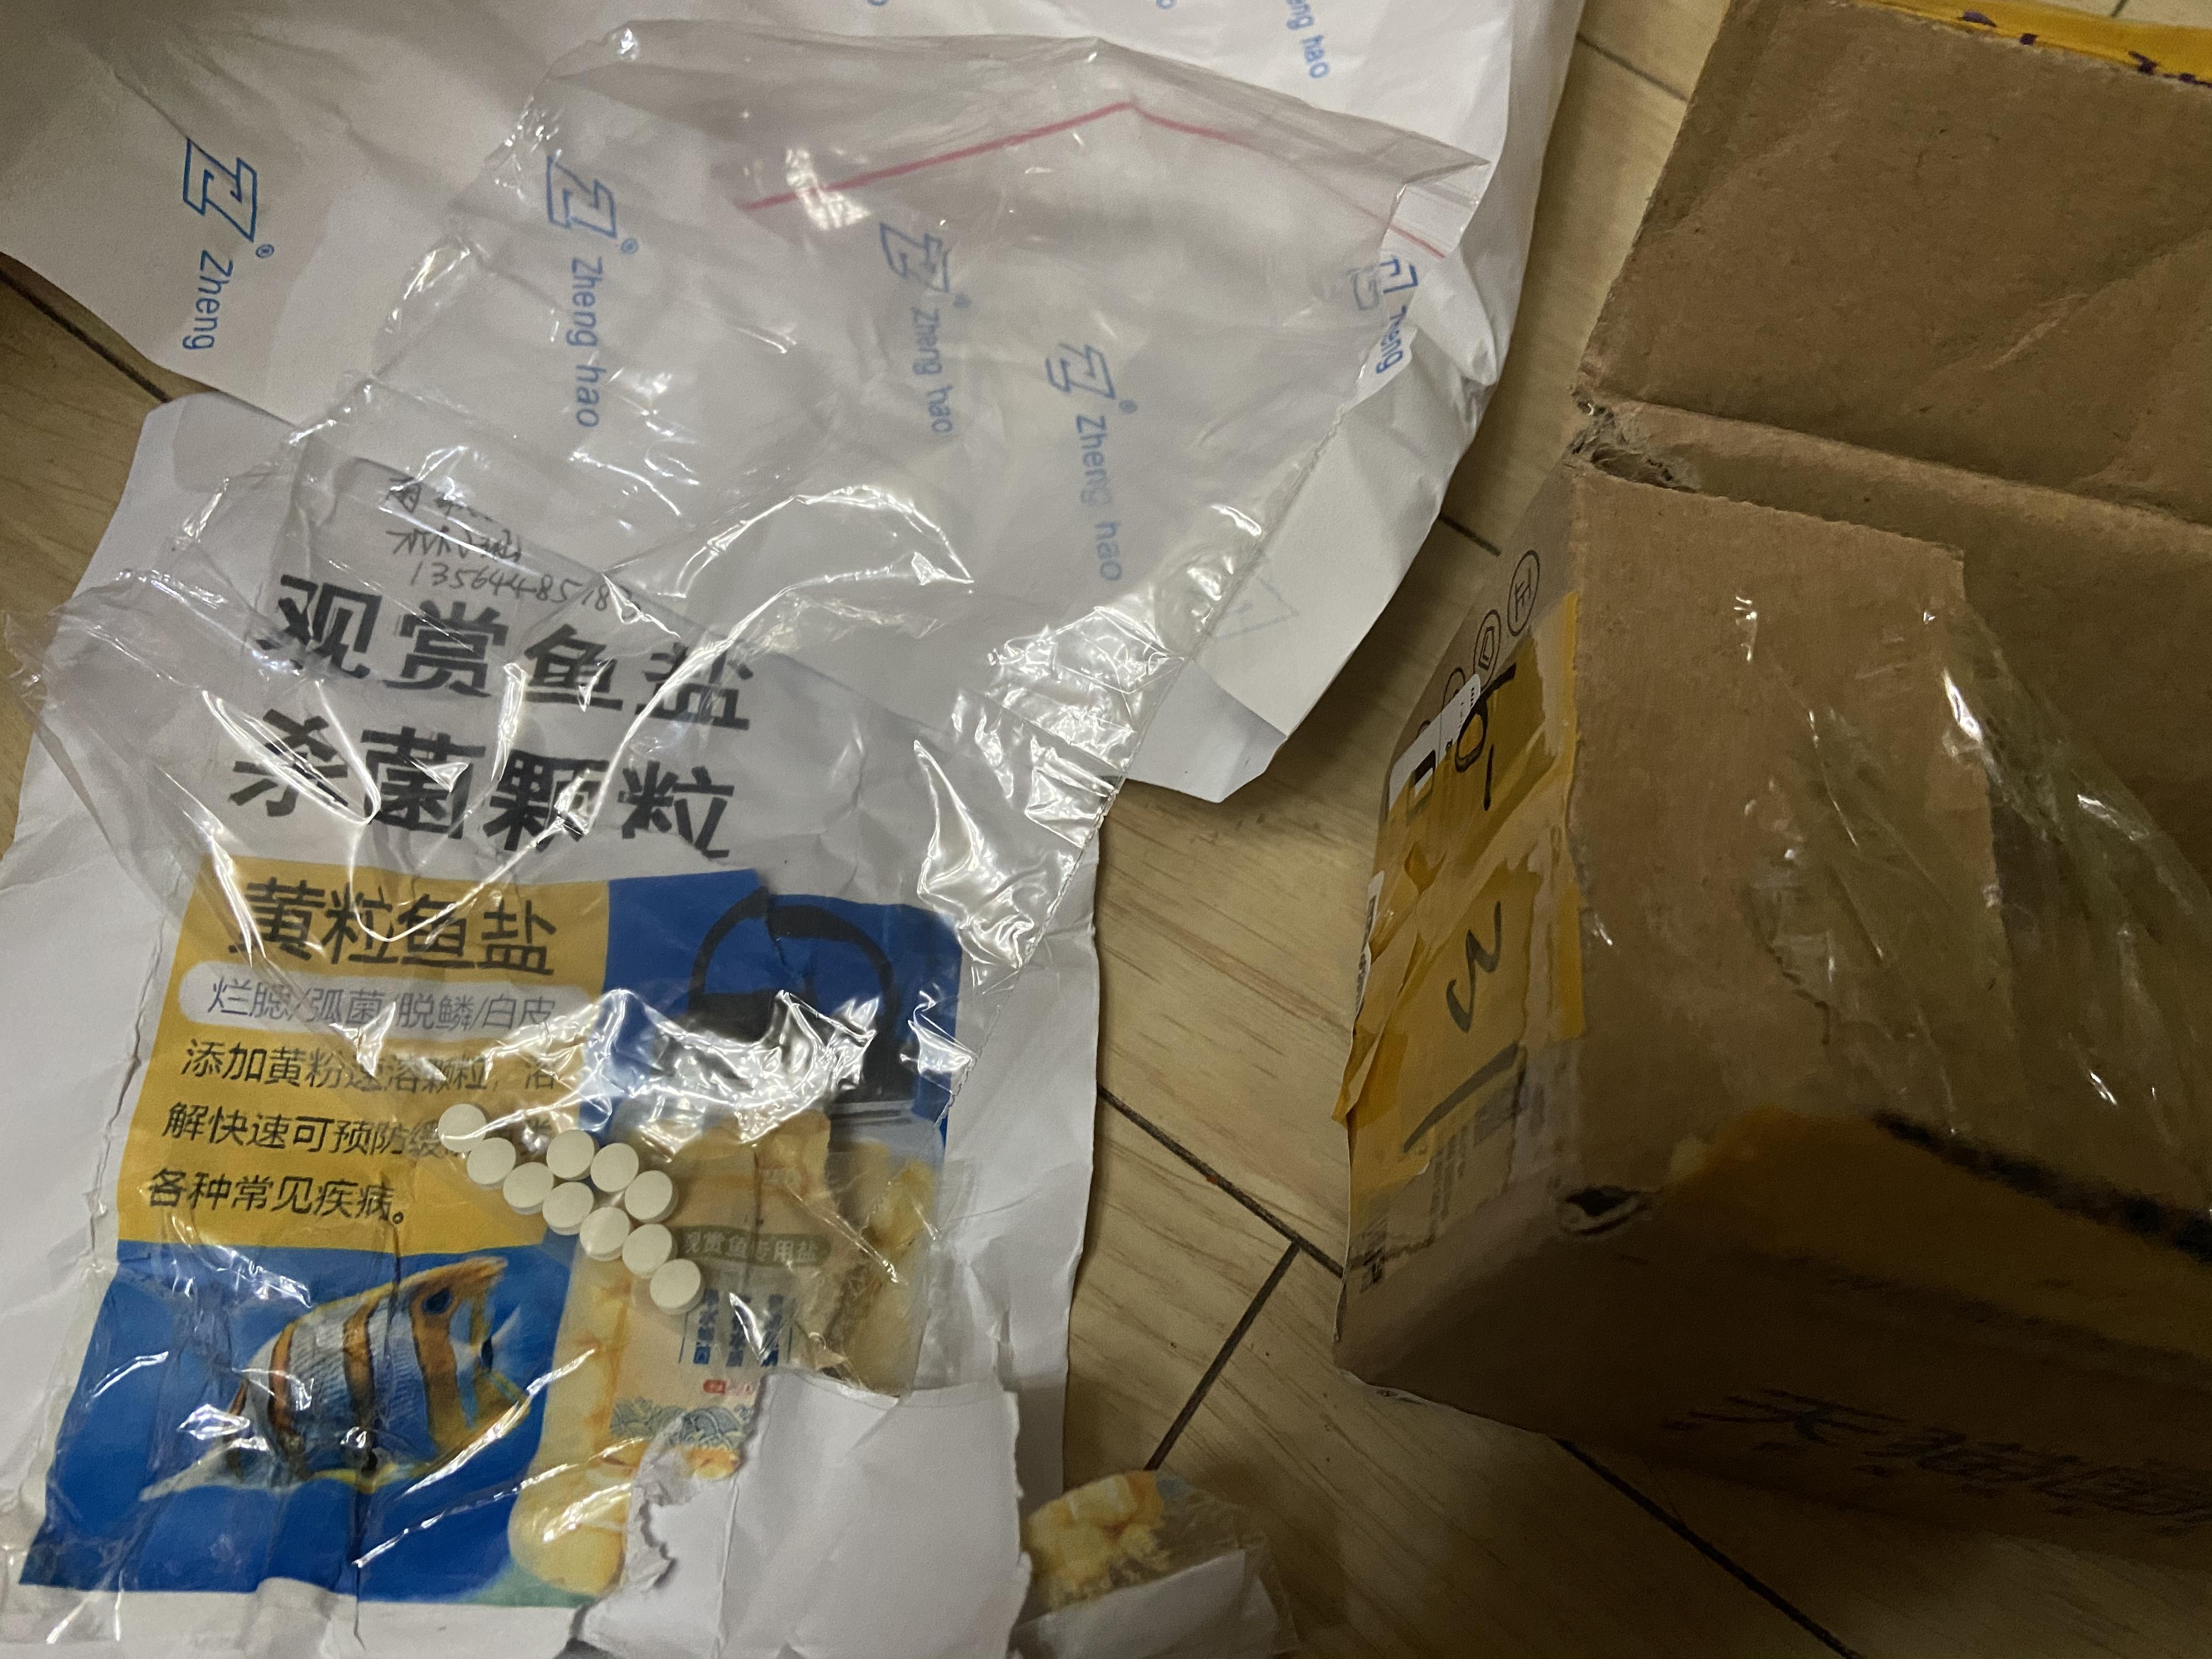 记者支付后,另一名药品贩卖者寄给记者10粒用鱼饲料袋包裹的淡黄色药片,称为医院弄出的三唑仑。